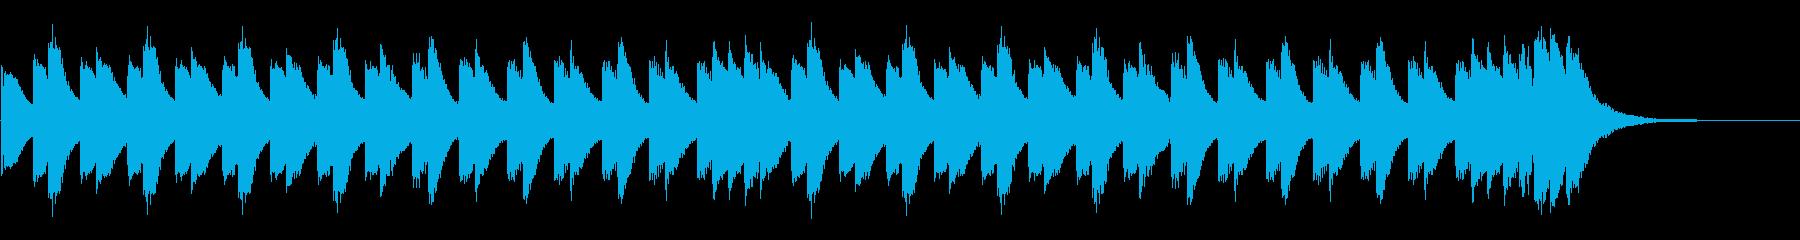 電車の接近メロディー(発車メロディー)の再生済みの波形